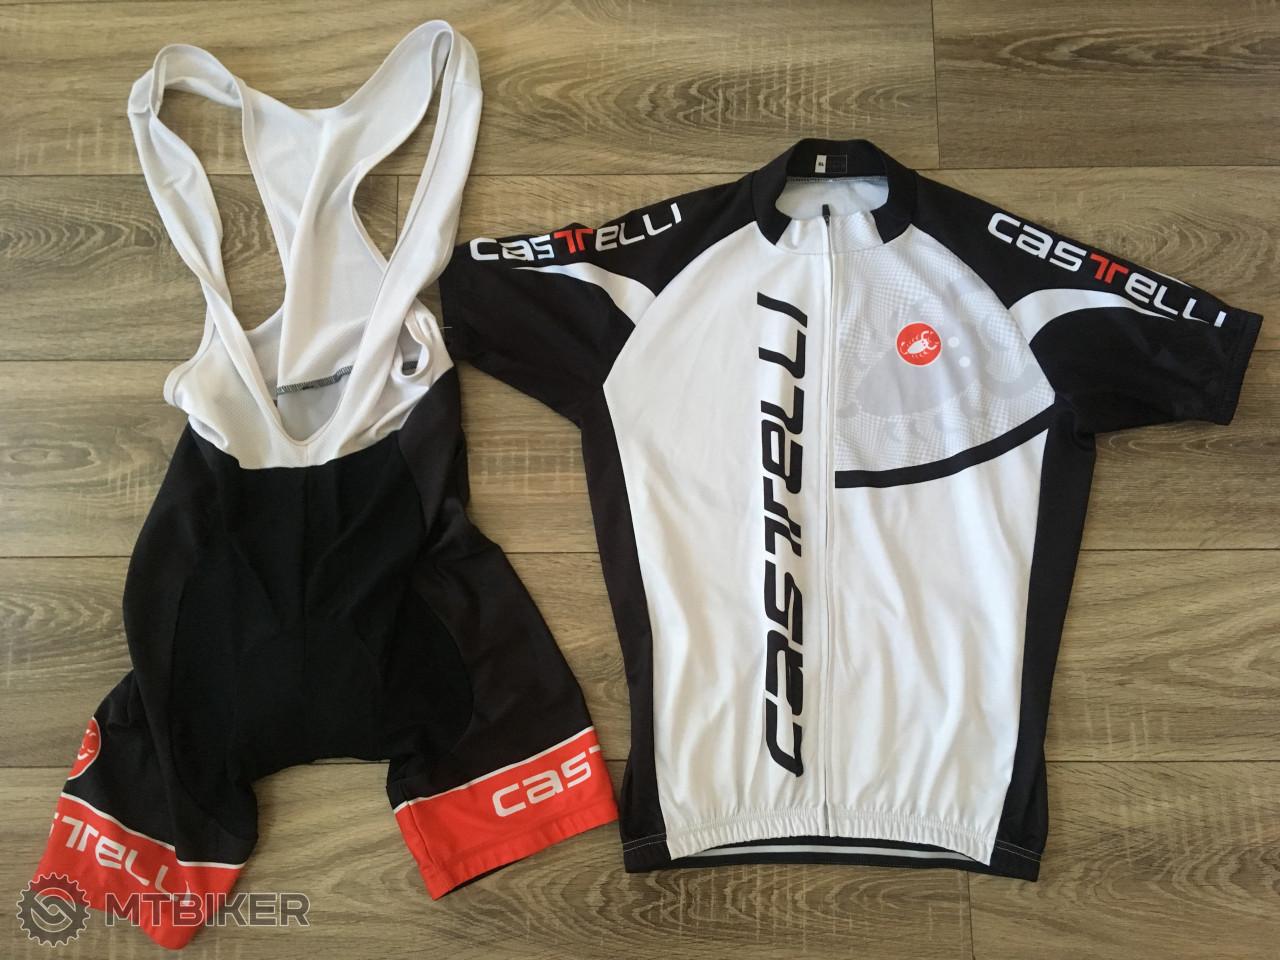 74b28993d349d Cyklisticky Dres + Sortky Castelli - Príslušenstvo - Oblečenie a batohy - Bazár  MTBIKER